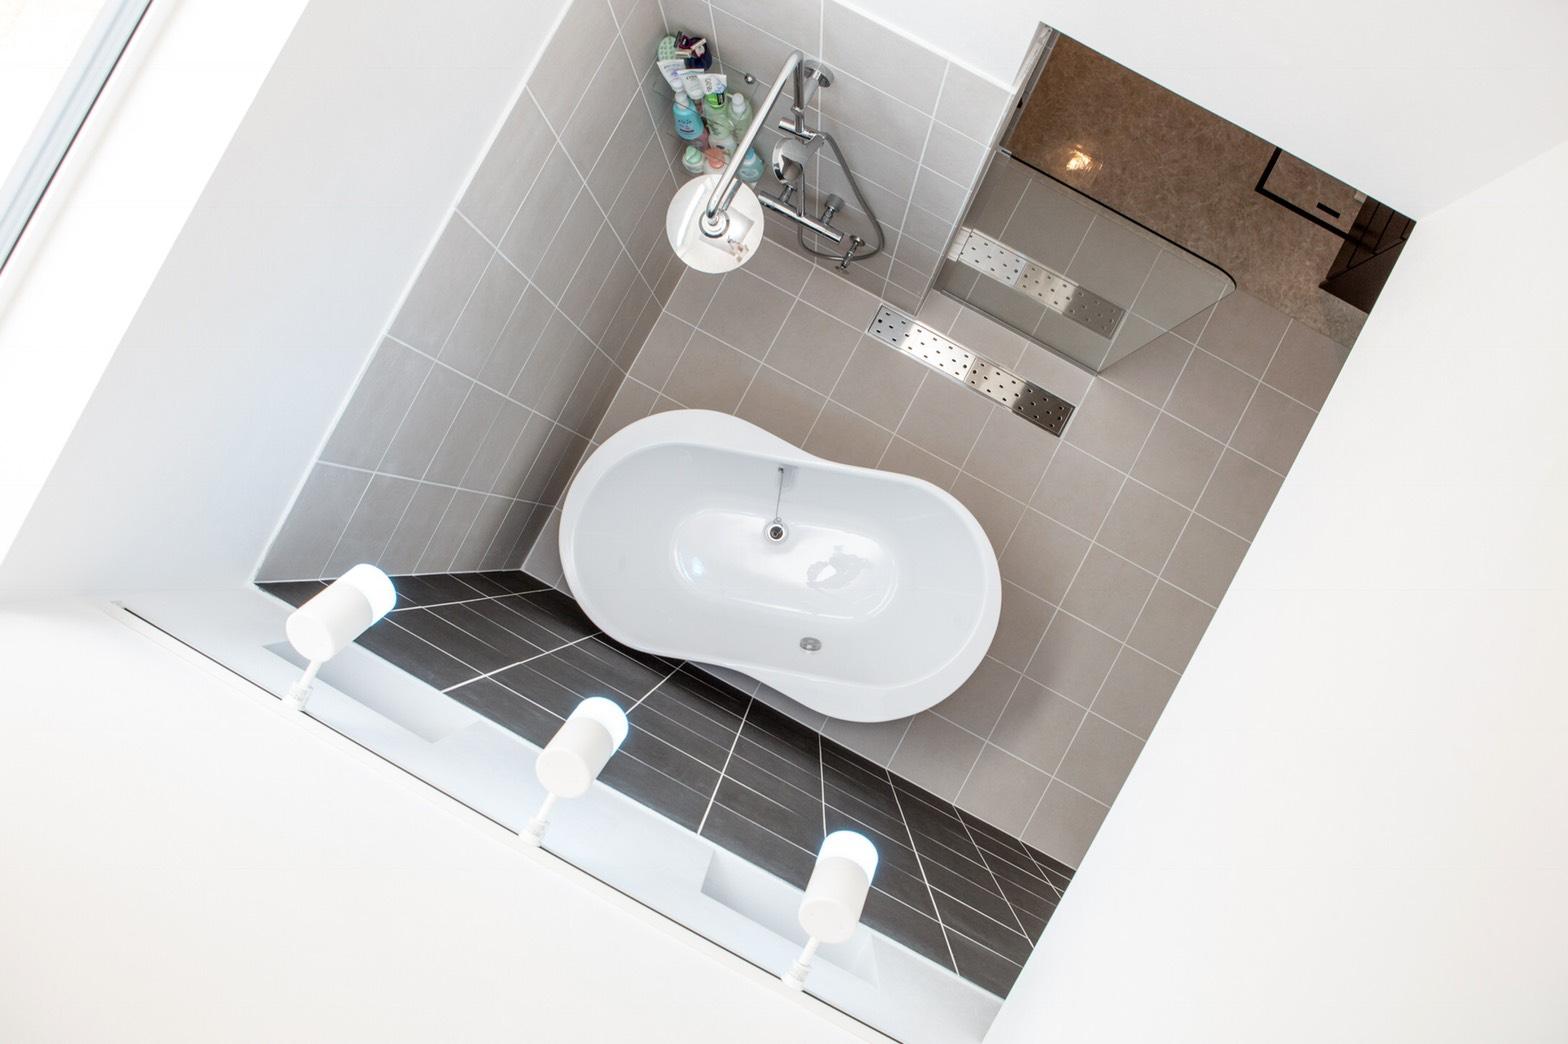 美濃加茂の匠建で天井のないお風呂を見たい